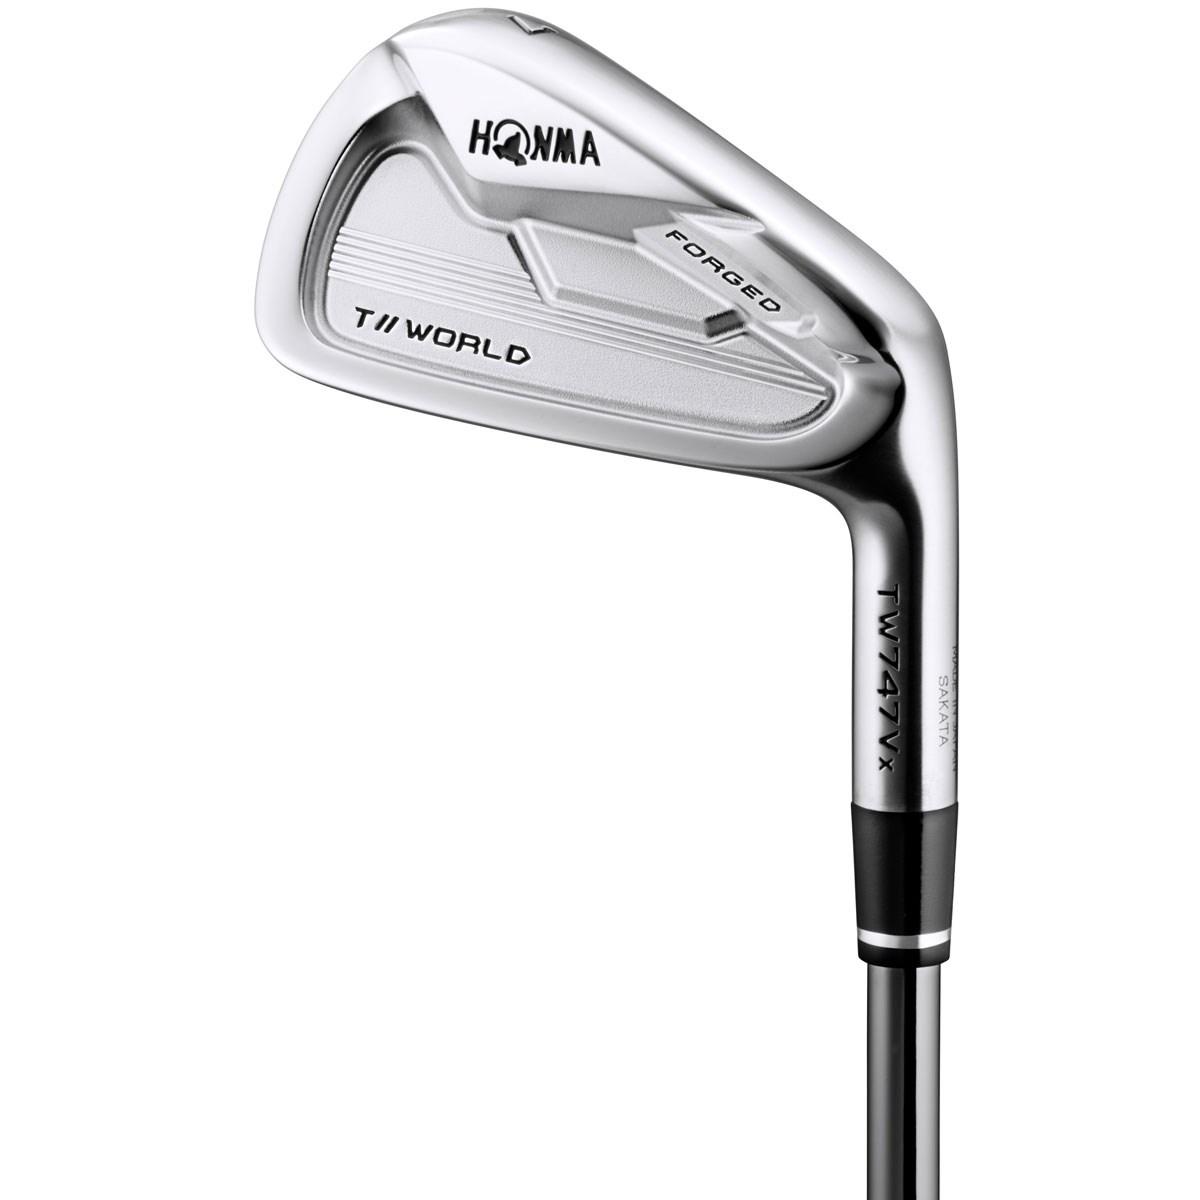 本間ゴルフ(HONMA GOLF) ツアーワールド TW747 Vx アイアン(6本セット) VIZARD IB-WF 85